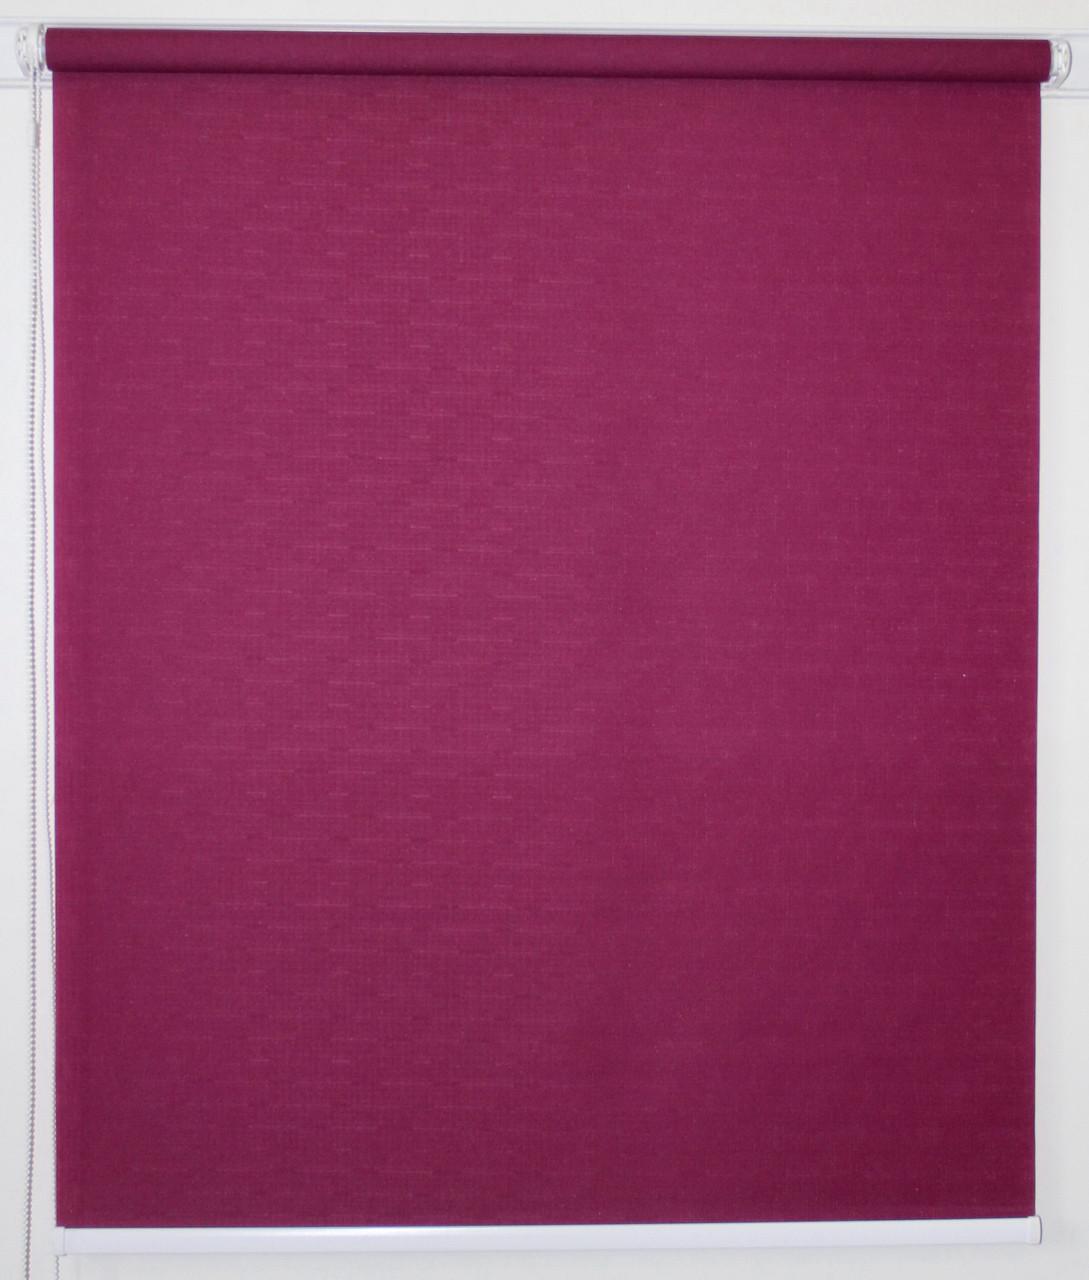 Рулонная штора 400*1500 Ткань Лён 7446 Пурпурно-красный